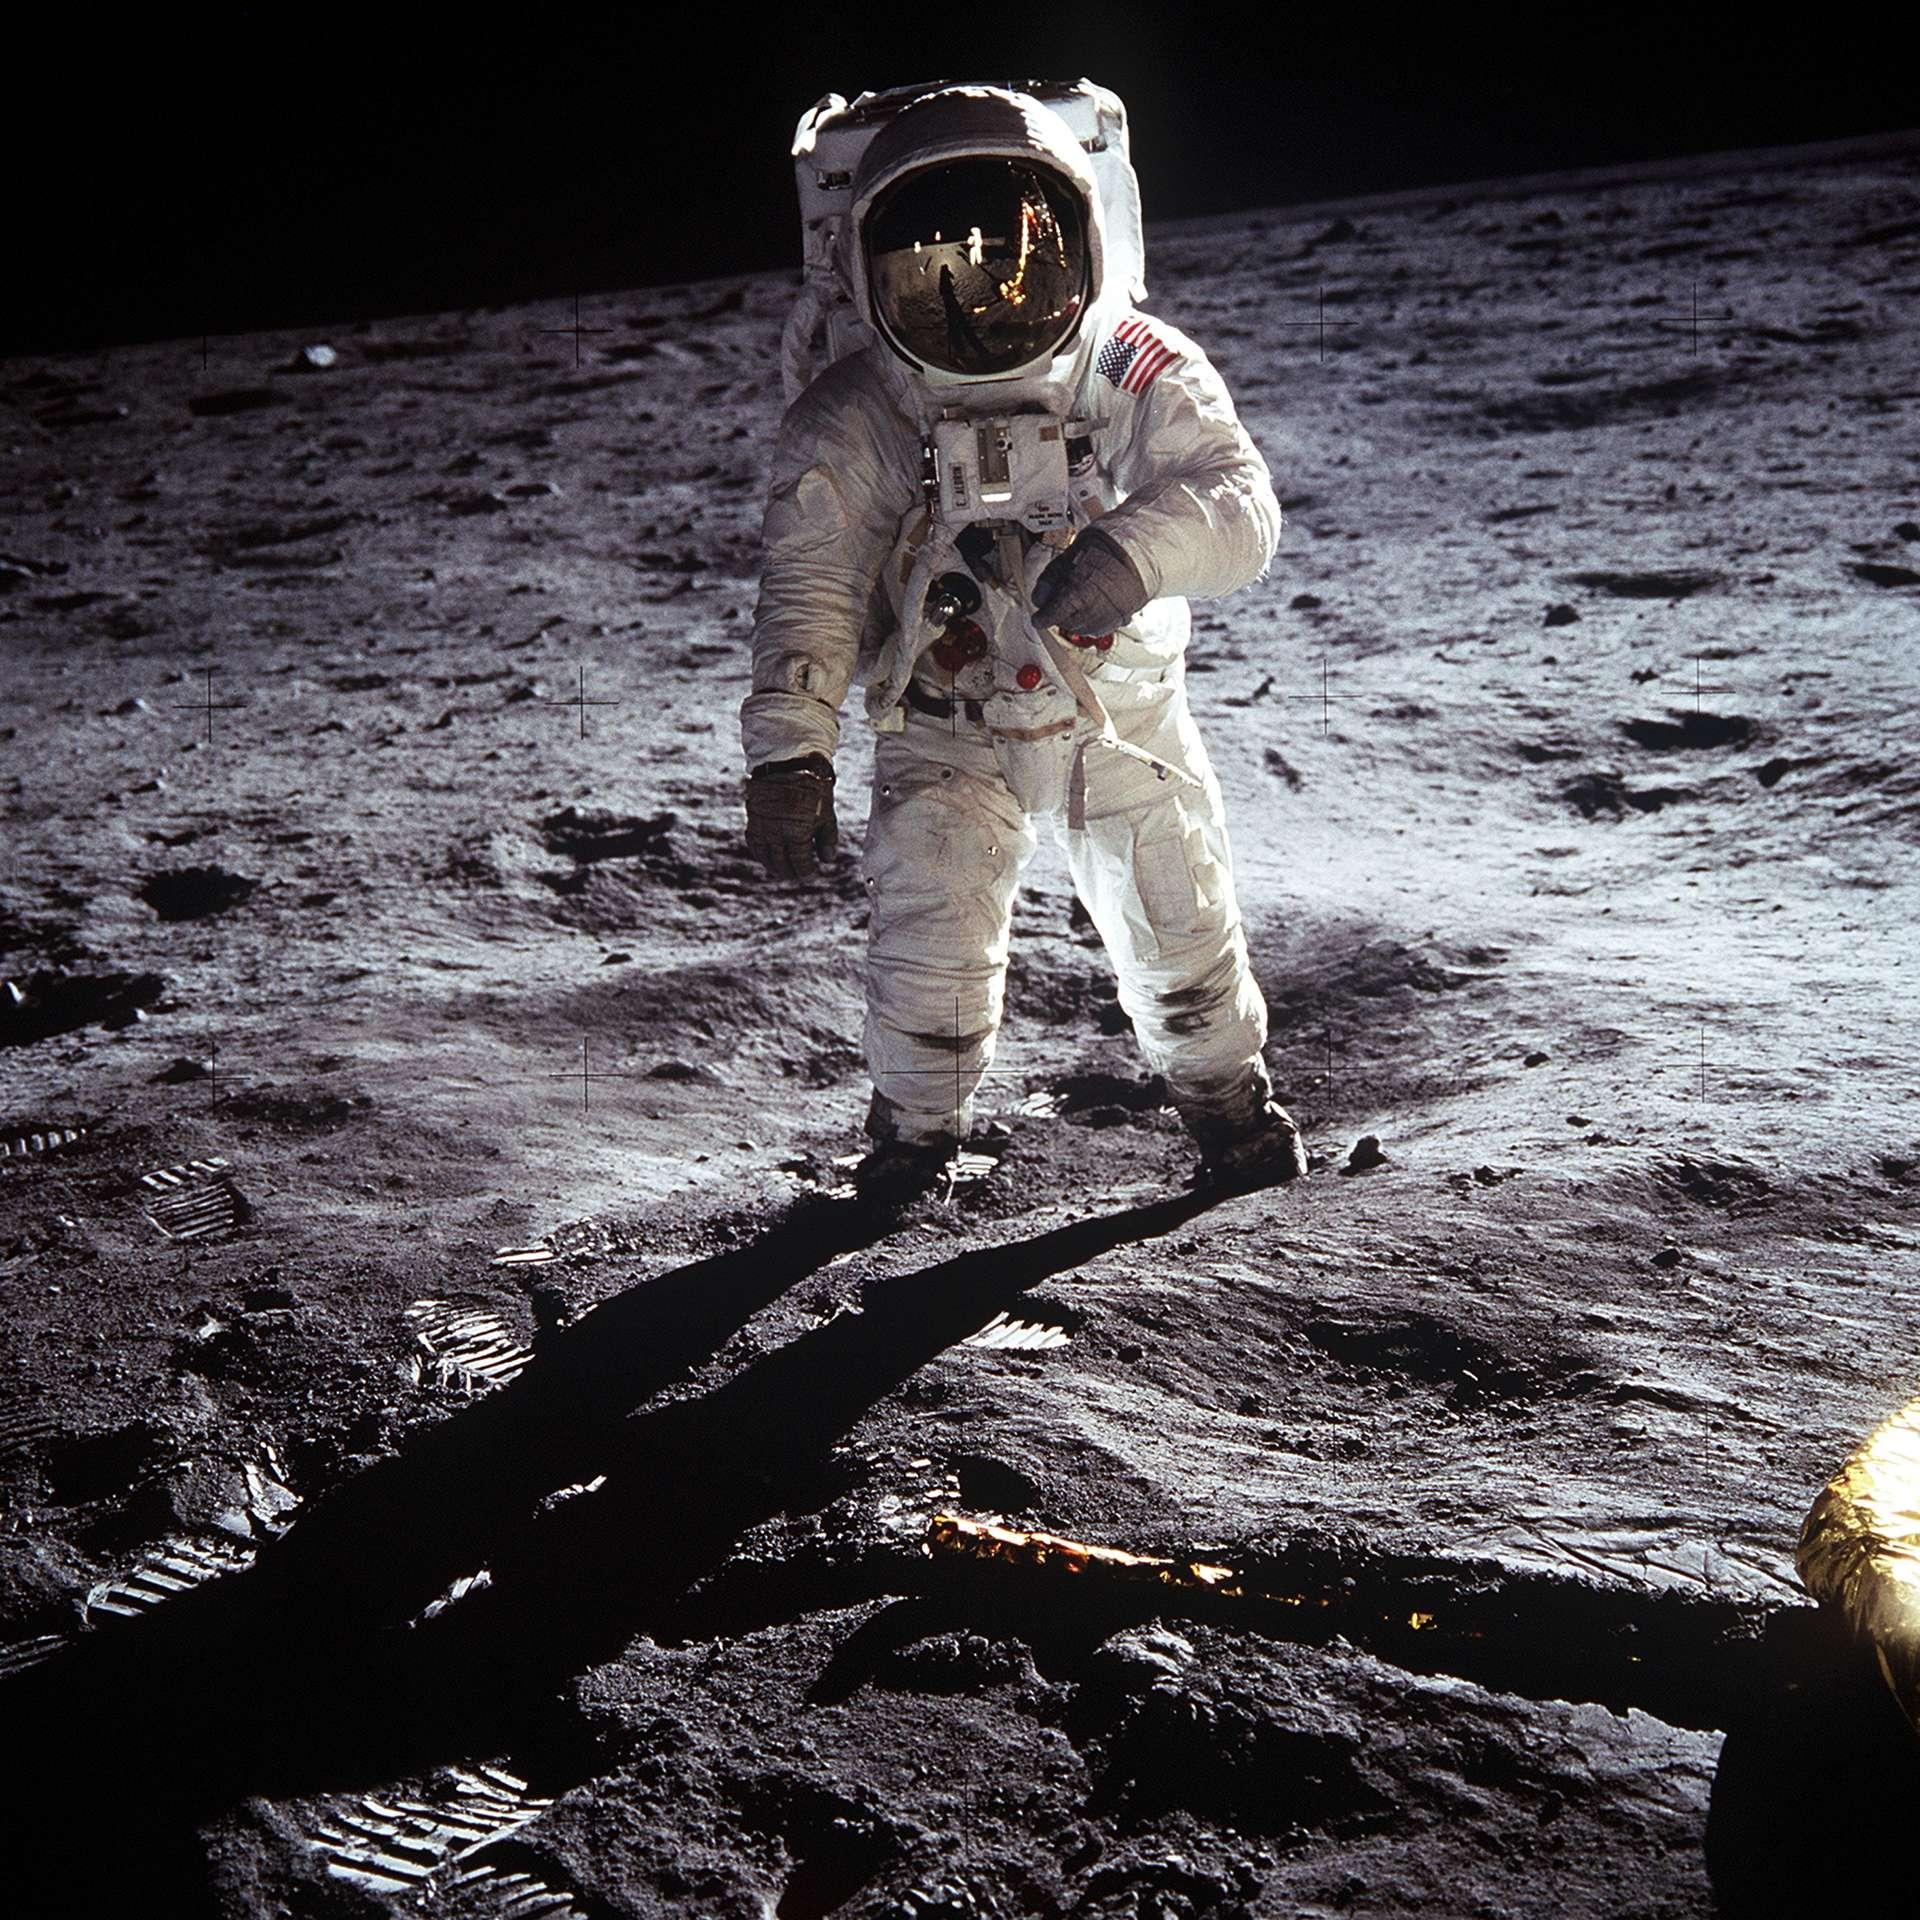 Buzz Aldrin, deuxième Homme à marcher sur la Lune après Neil Armstrong, lors de la mission Apollo 11 en 1969. © Nasa